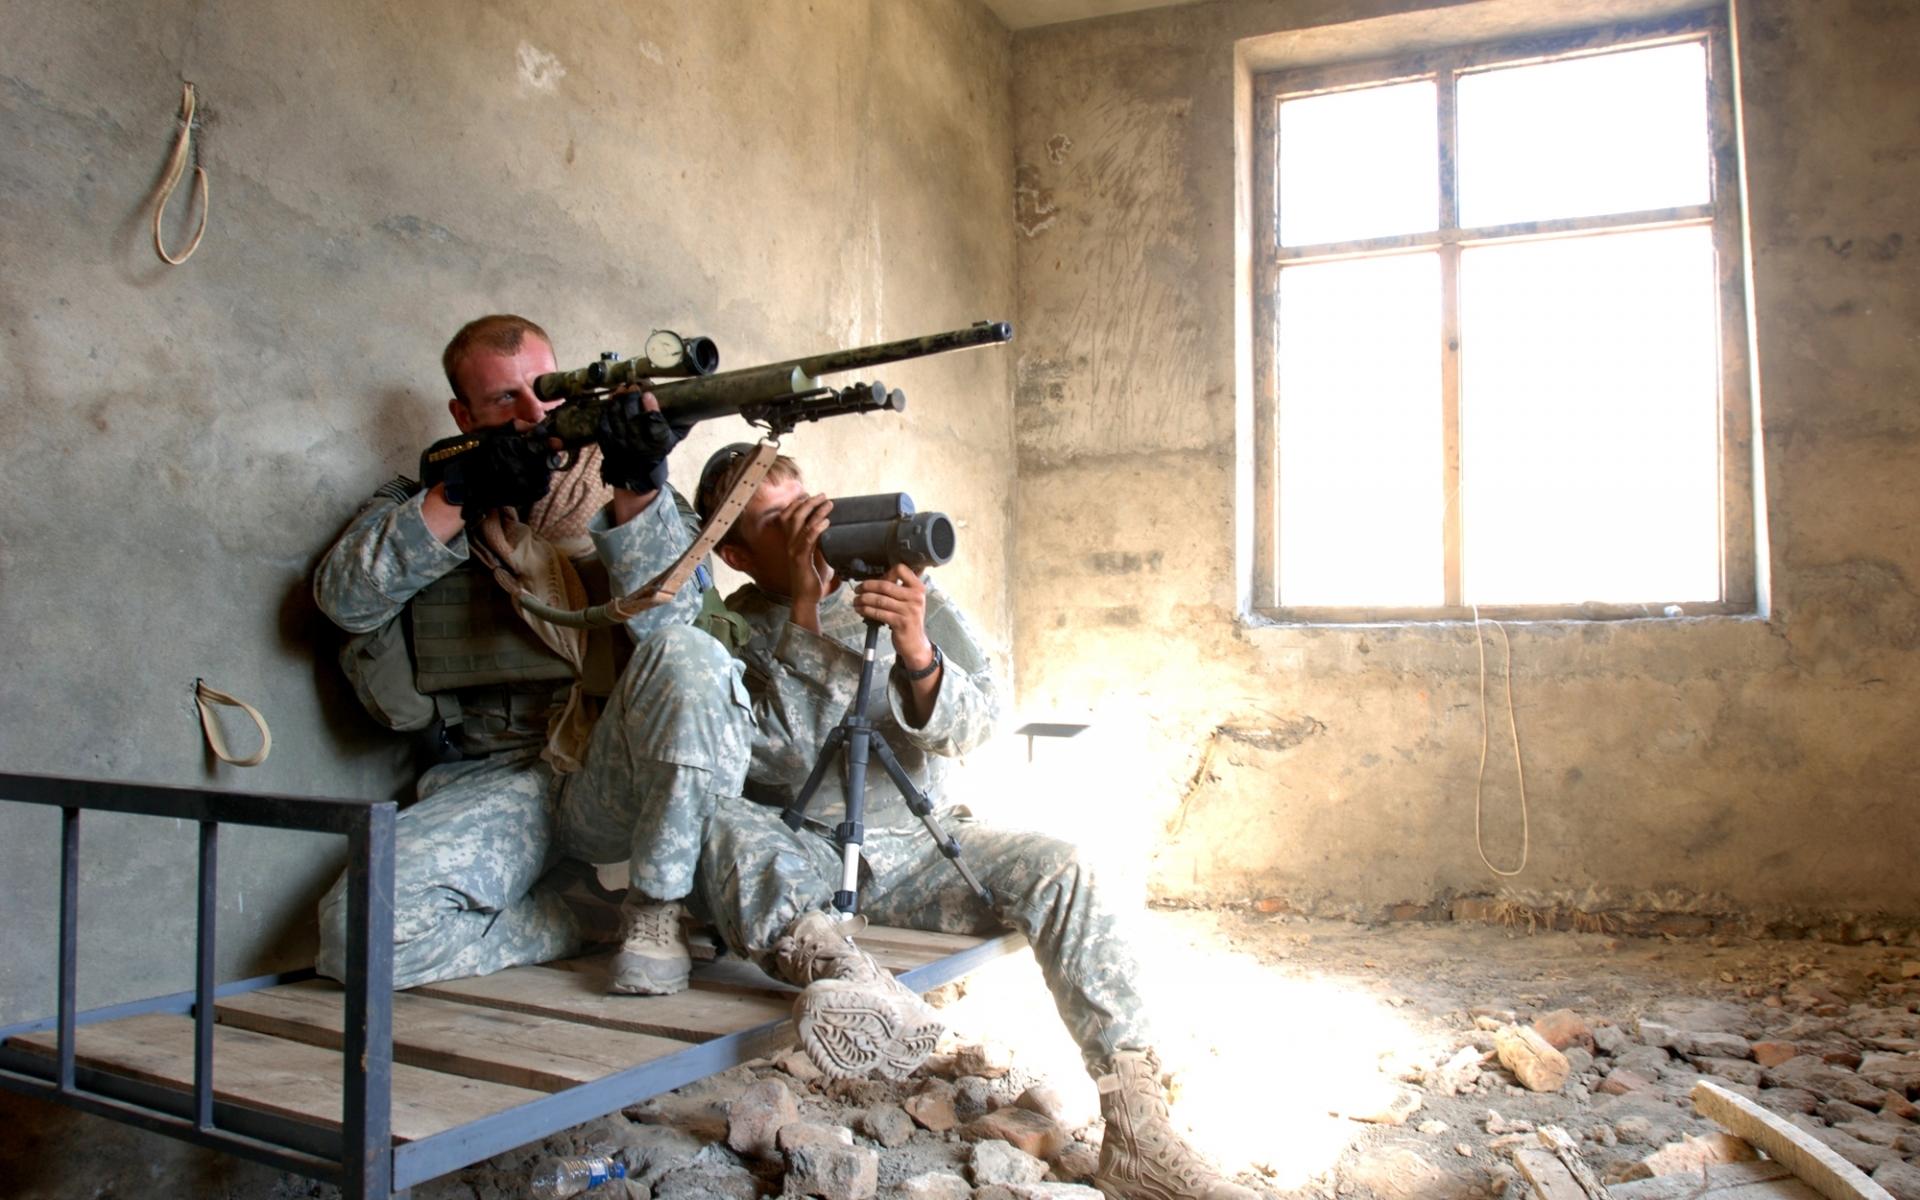 23742 Hintergrundbild herunterladen Menschen, Männer, Waffe, Soldiers - Bildschirmschoner und Bilder kostenlos